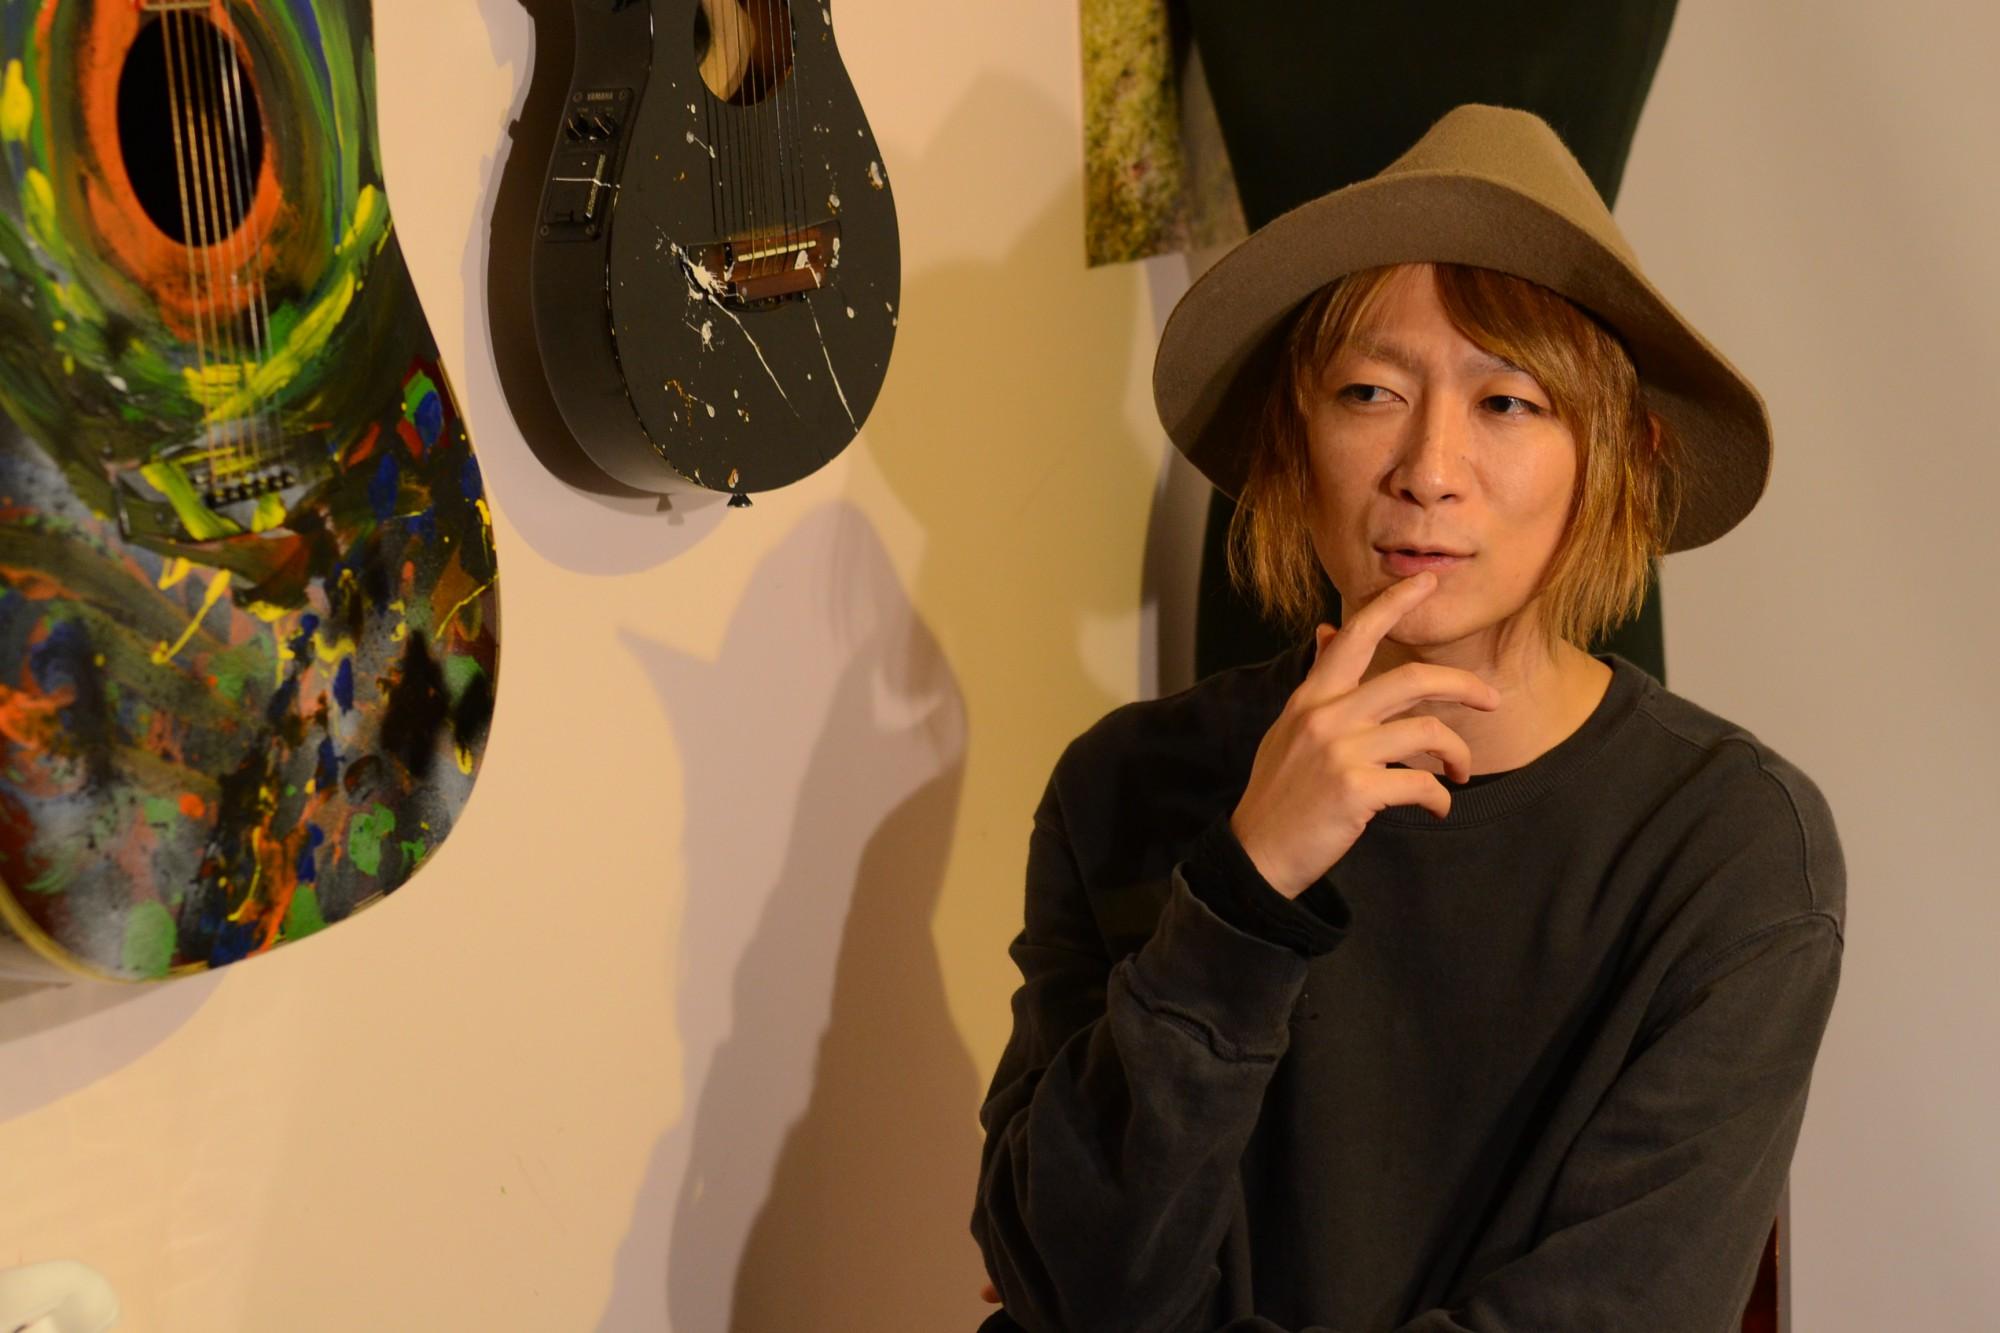 otomusubi_02